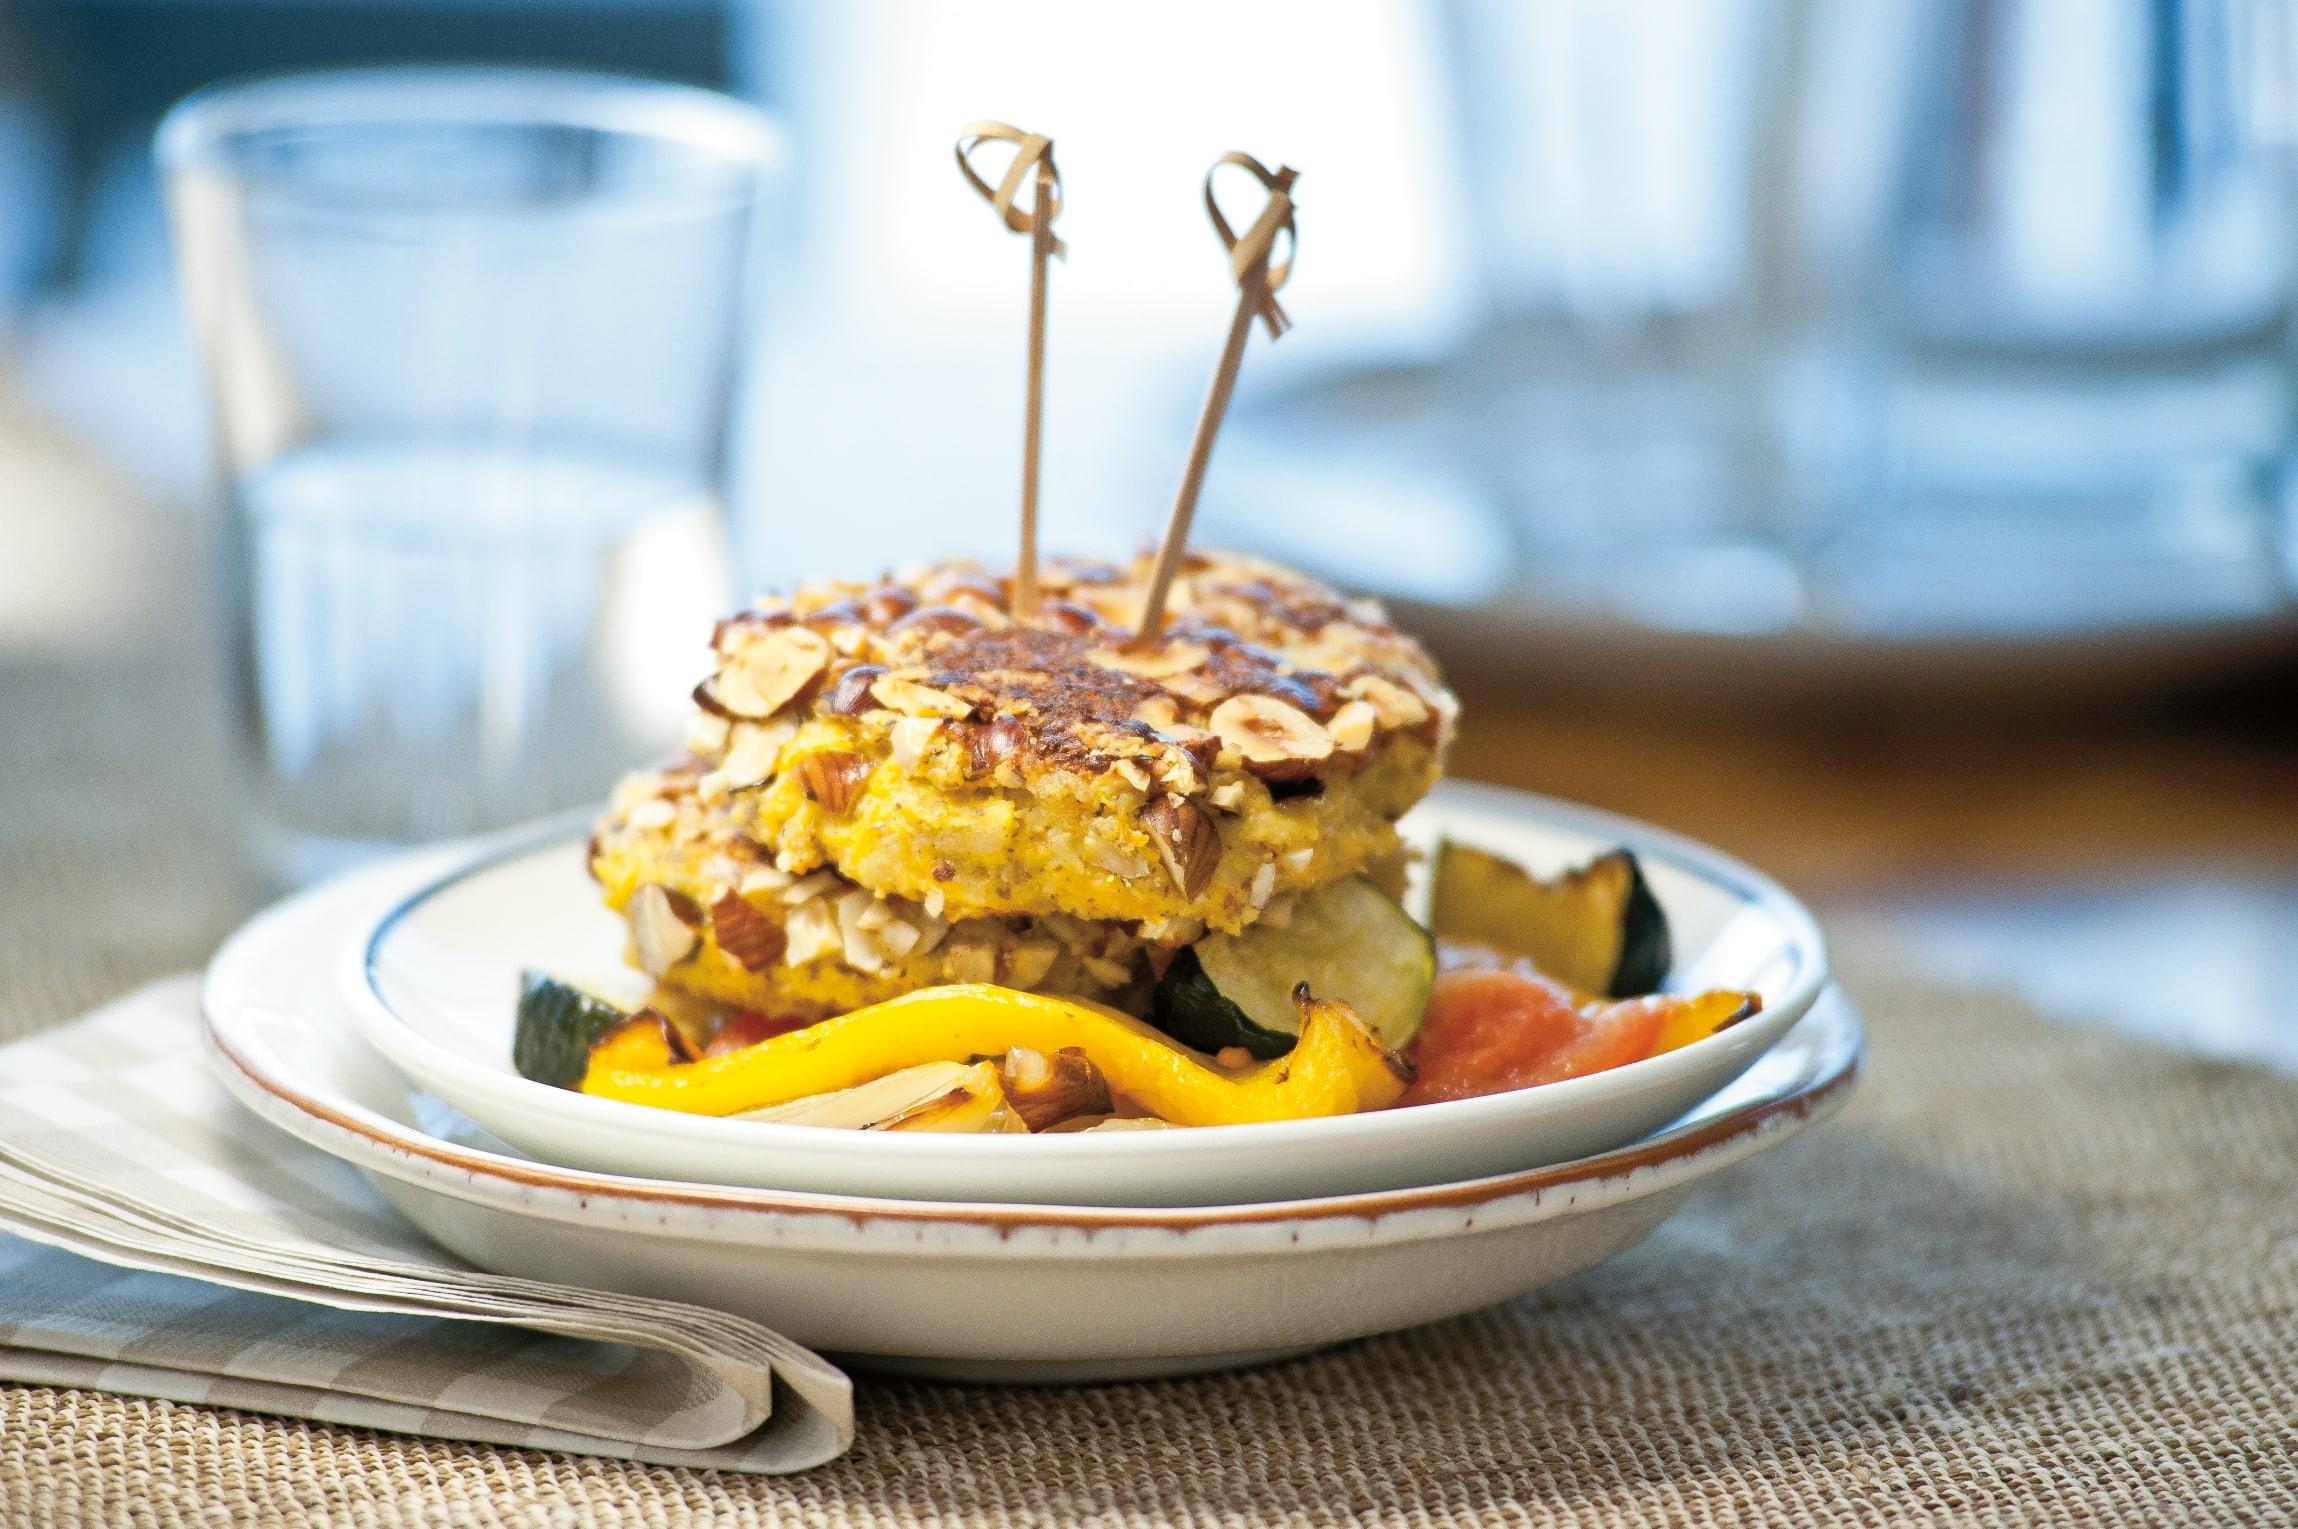 Käse-Nuss-Burger auf Ofen-Ratatouille